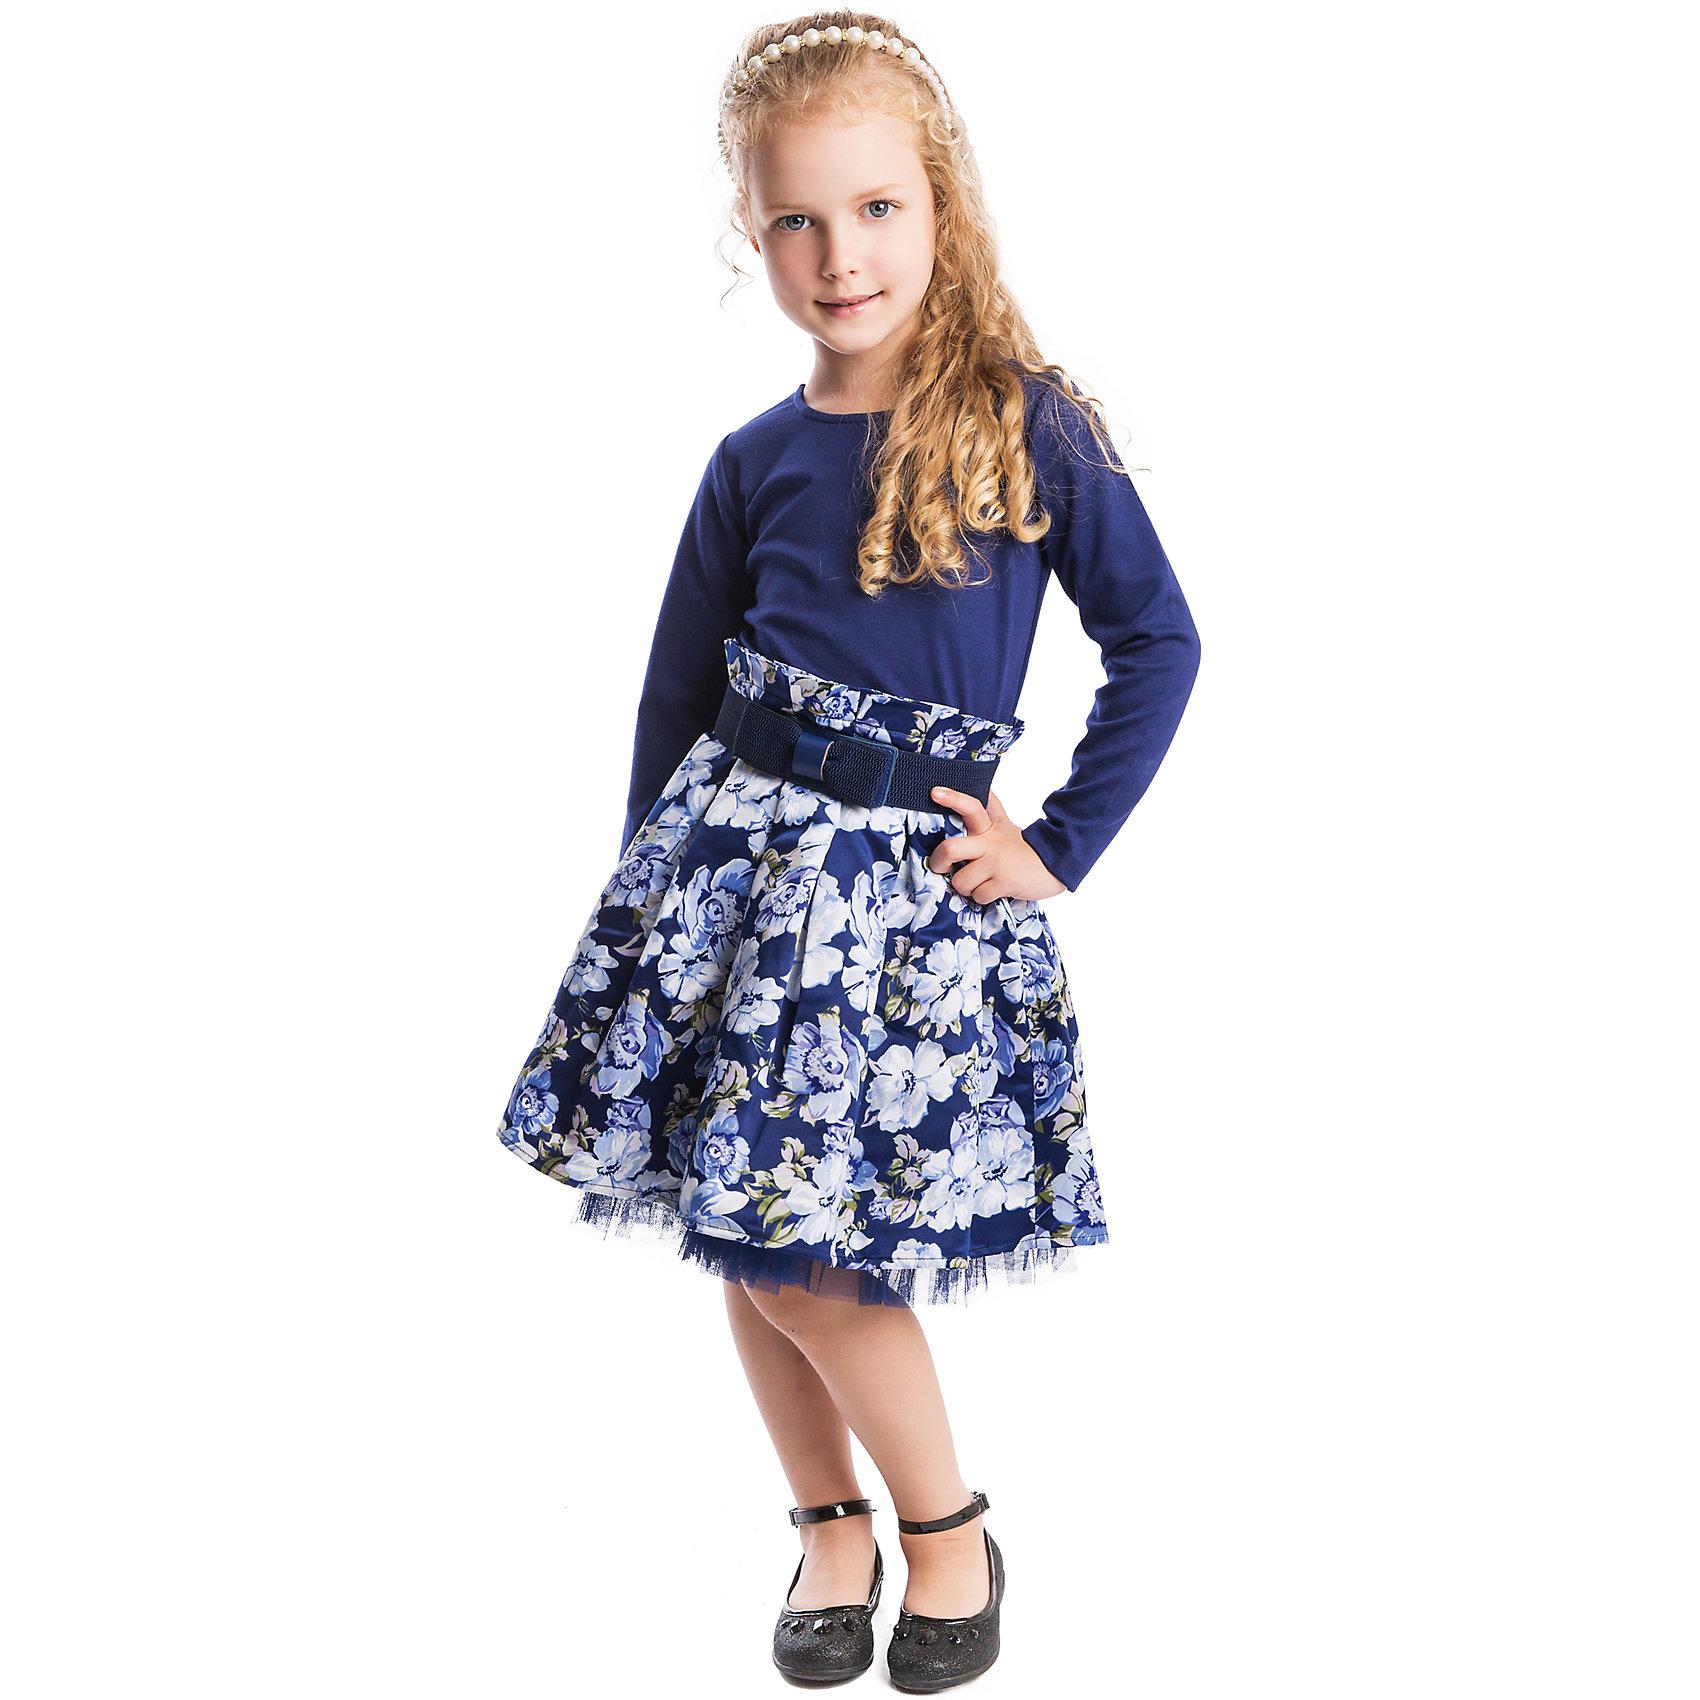 Платье PlayTodayОдежда<br>Платье PlayToday <br><br>Состав: <br>Верх: 66% вискоза, 29% полиэстер, 5% эластан, <br>Юбка: 100% полиэстер, <br>Подкладка: 100% хлопок <br><br>Женственное платье с пышной цветочной юбкой. <br>Материал легкий и скользящий, внутри хлопковая подкладка. <br>Воротничок с жемчужными бусами и пояс с бантом дополнят образ. <br>У платья длинные рукава и удобная застежка-молния.<br><br>Ширина мм: 236<br>Глубина мм: 16<br>Высота мм: 184<br>Вес г: 177<br>Цвет: синий<br>Возраст от месяцев: 24<br>Возраст до месяцев: 36<br>Пол: Женский<br>Возраст: Детский<br>Размер: 98,128,110,122,116,104<br>SKU: 4305425